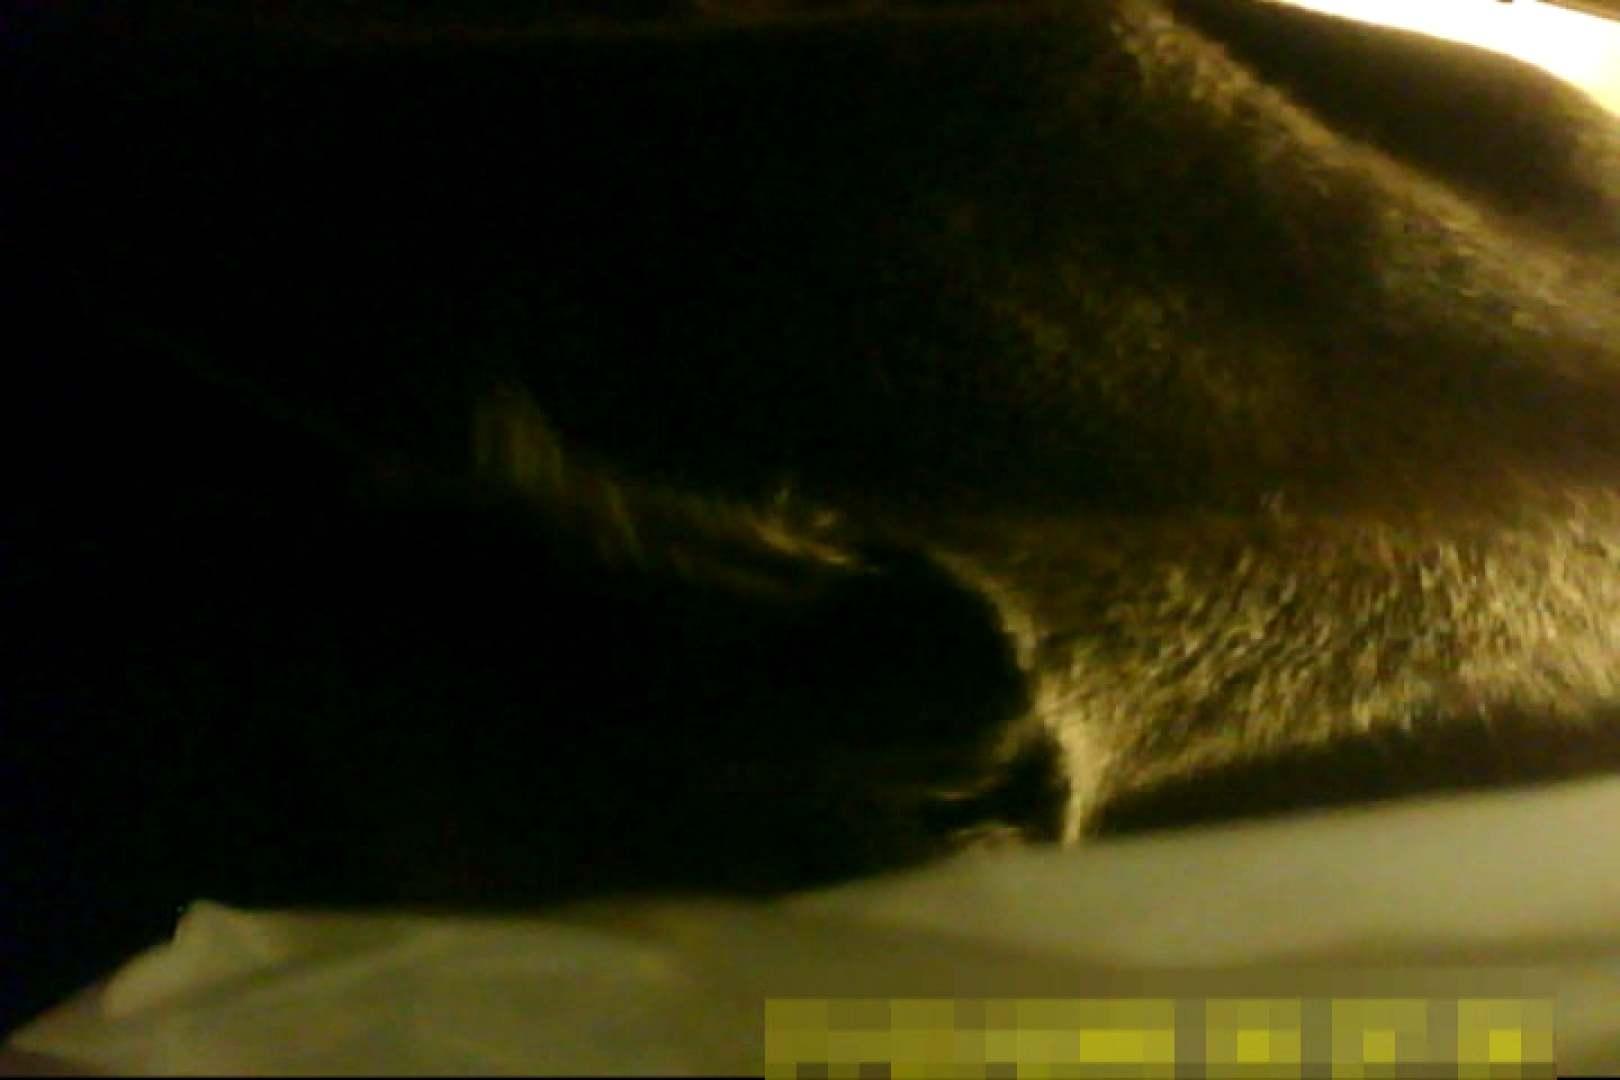 魅惑の化粧室~禁断のプライベート空間~vol.8 エッチな熟女  103pic 60